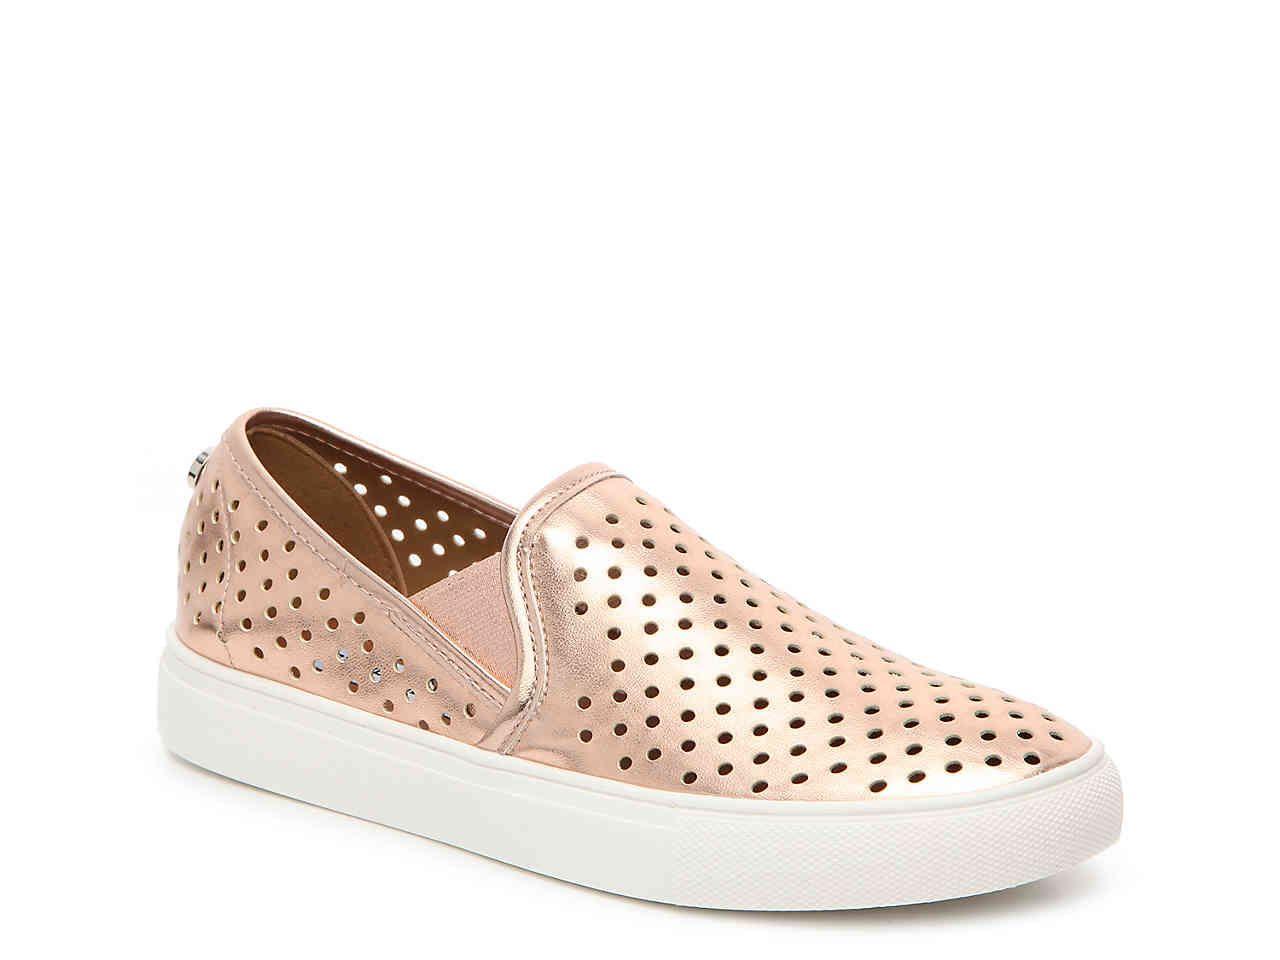 Steve Madden Owen Slip-On Sneaker